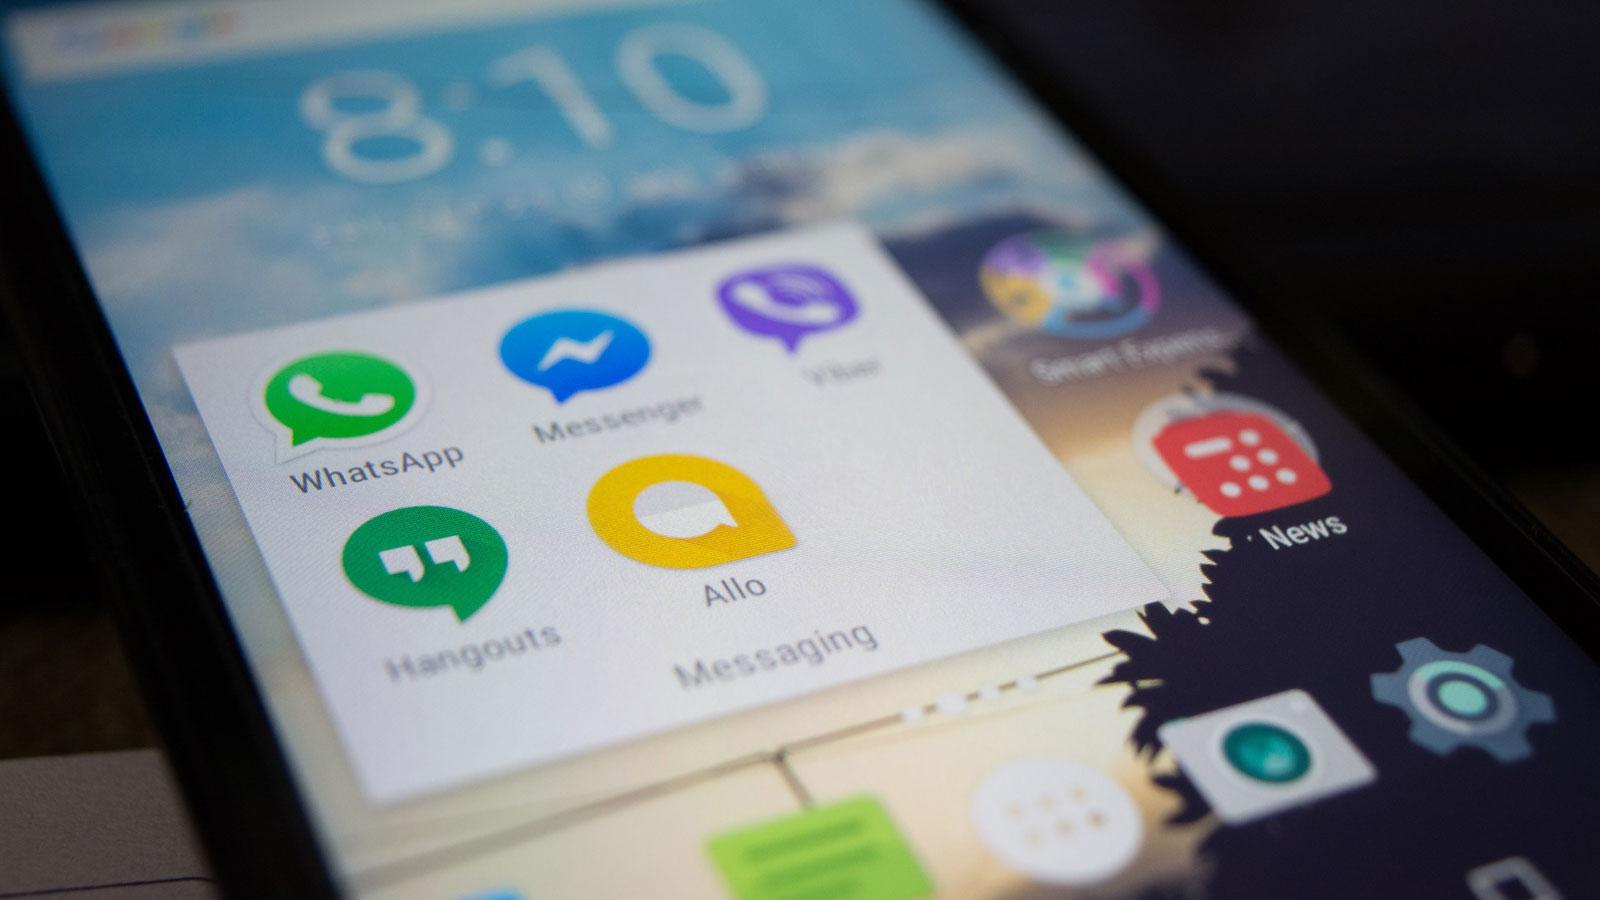 WhatsApp Privatsphäre Sicherheit Einstellungen